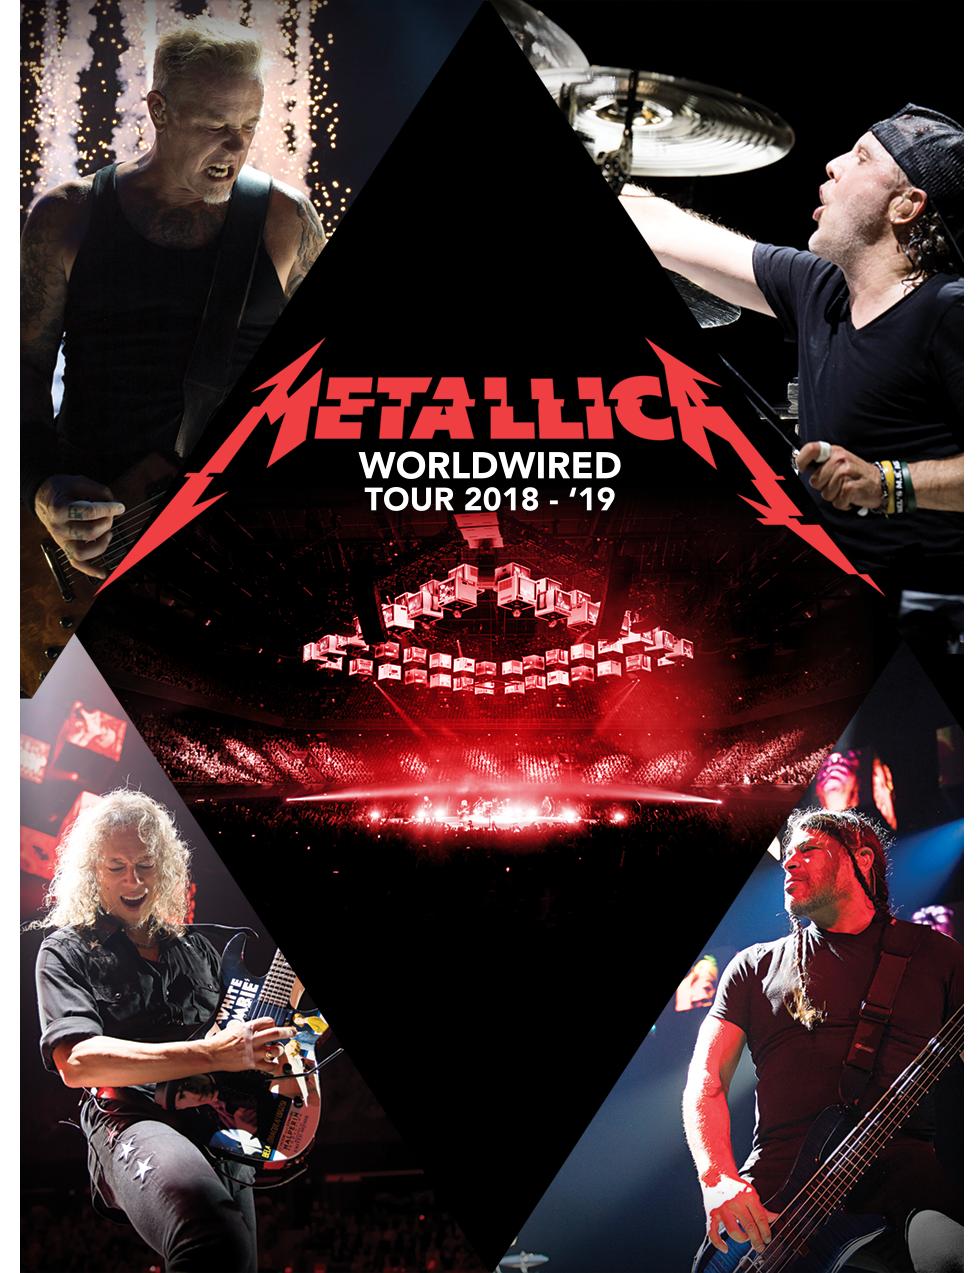 Metallica - Tour 2019 - 06/03/2019 - Kansas City - Missouri